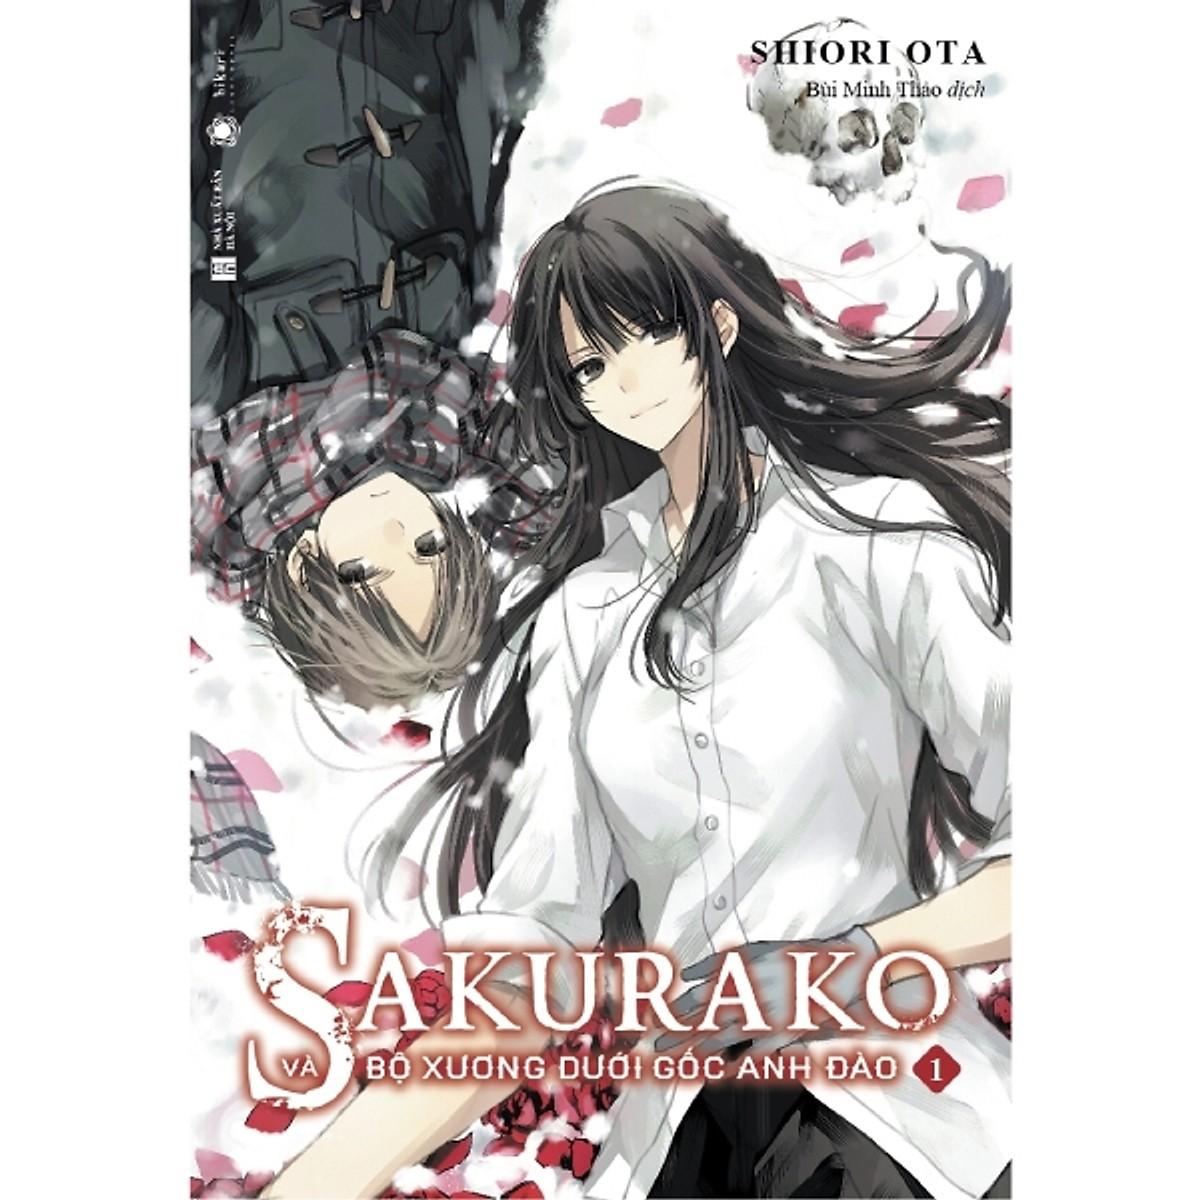 Sakurako Và Bộ Xương Được Chôn Dưới Gốc Anh Đào - Tập 1 - Tặng Kèm Móc Khoá + Bookmark